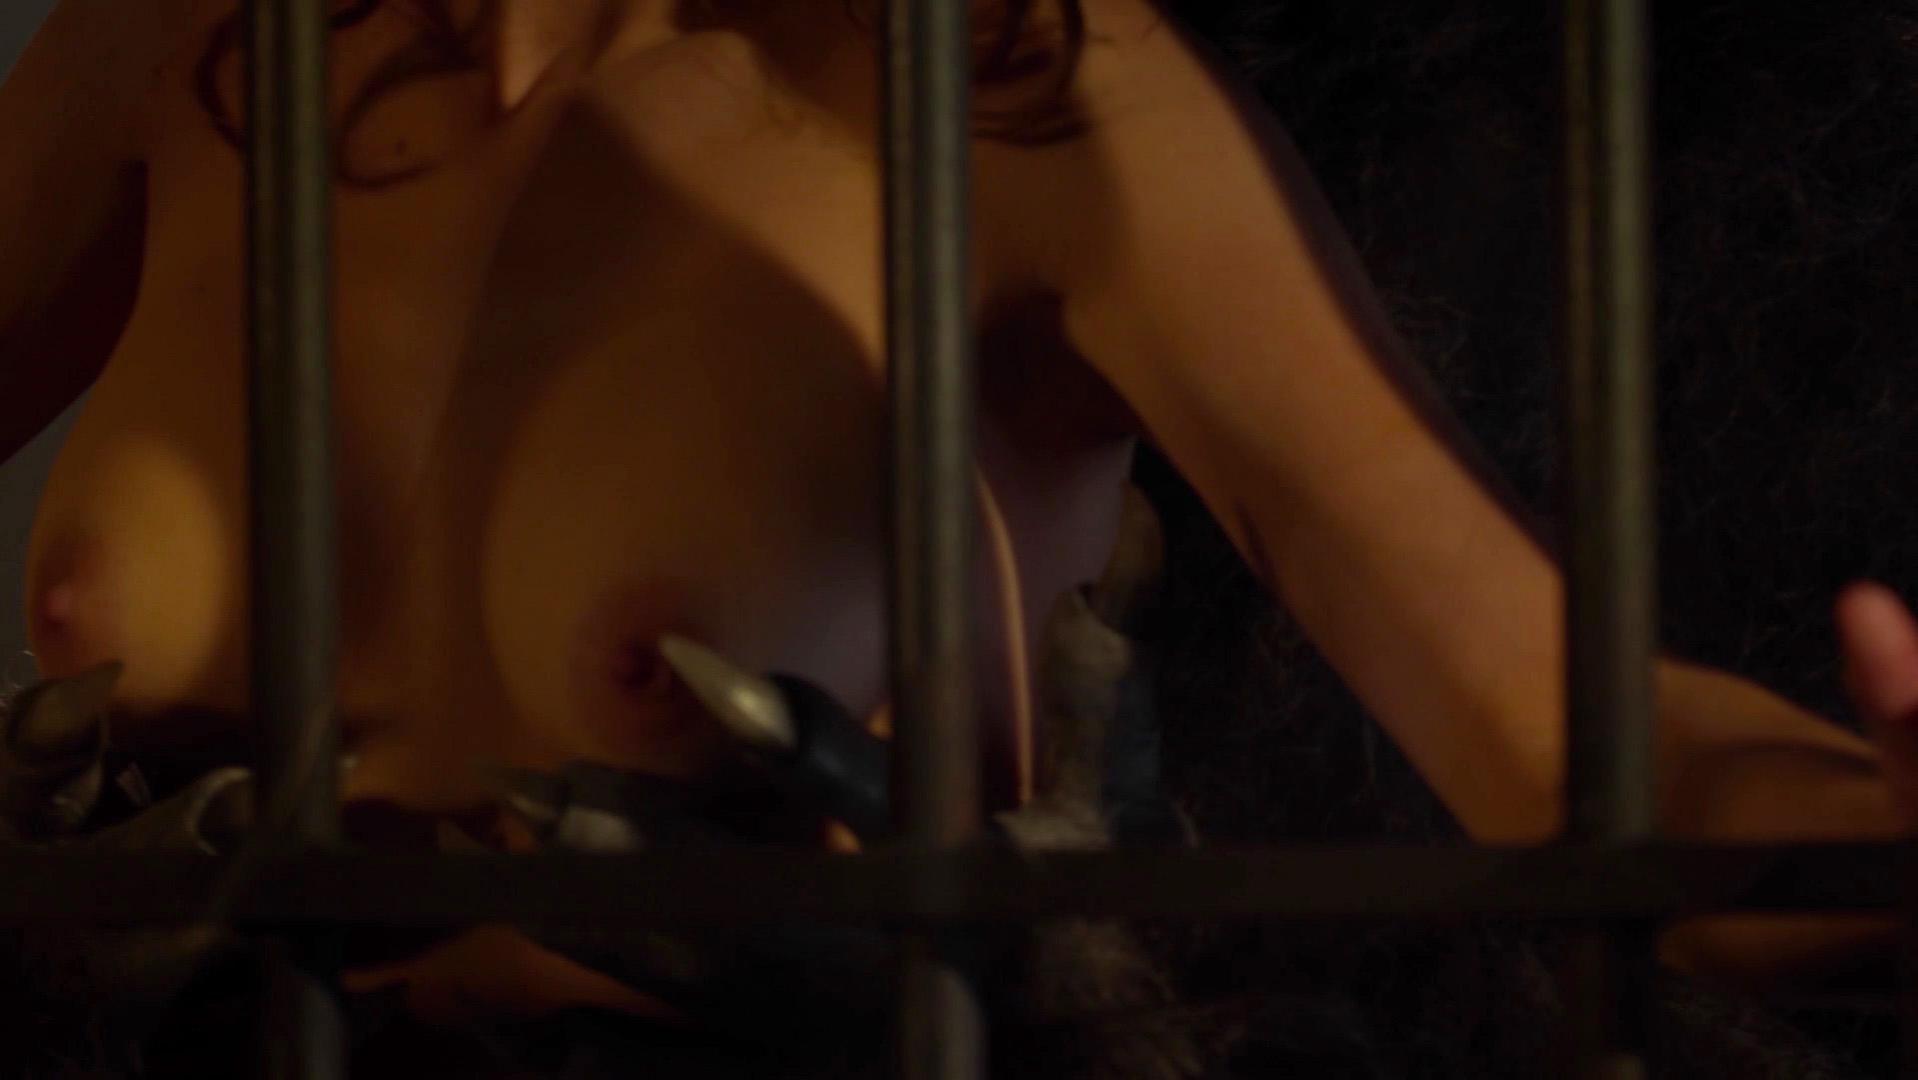 Sarah Lind nude, Cheryl Mazil nude - Wolfcop (2014)